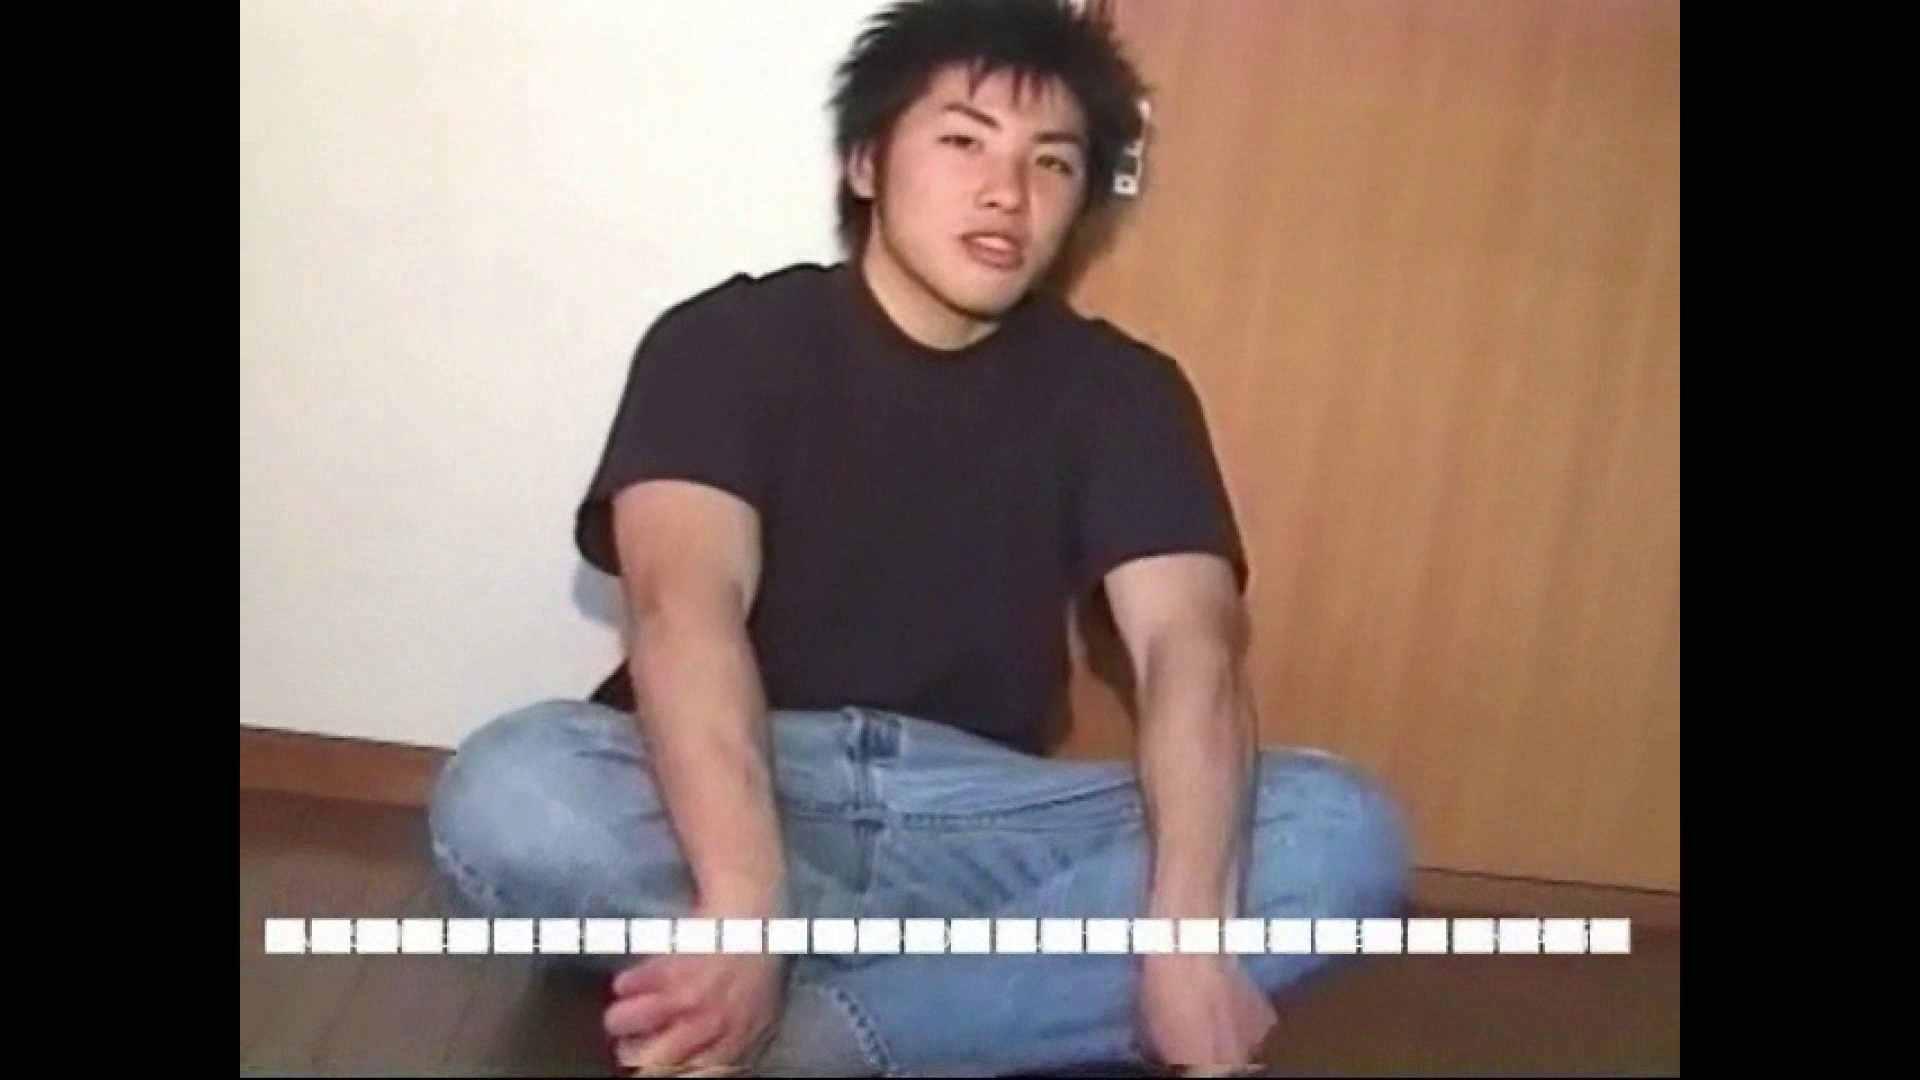 オナれ!集まれ!イケてるメンズ達!!File.30 男天国 | ノンケボーイズ  76pic 4